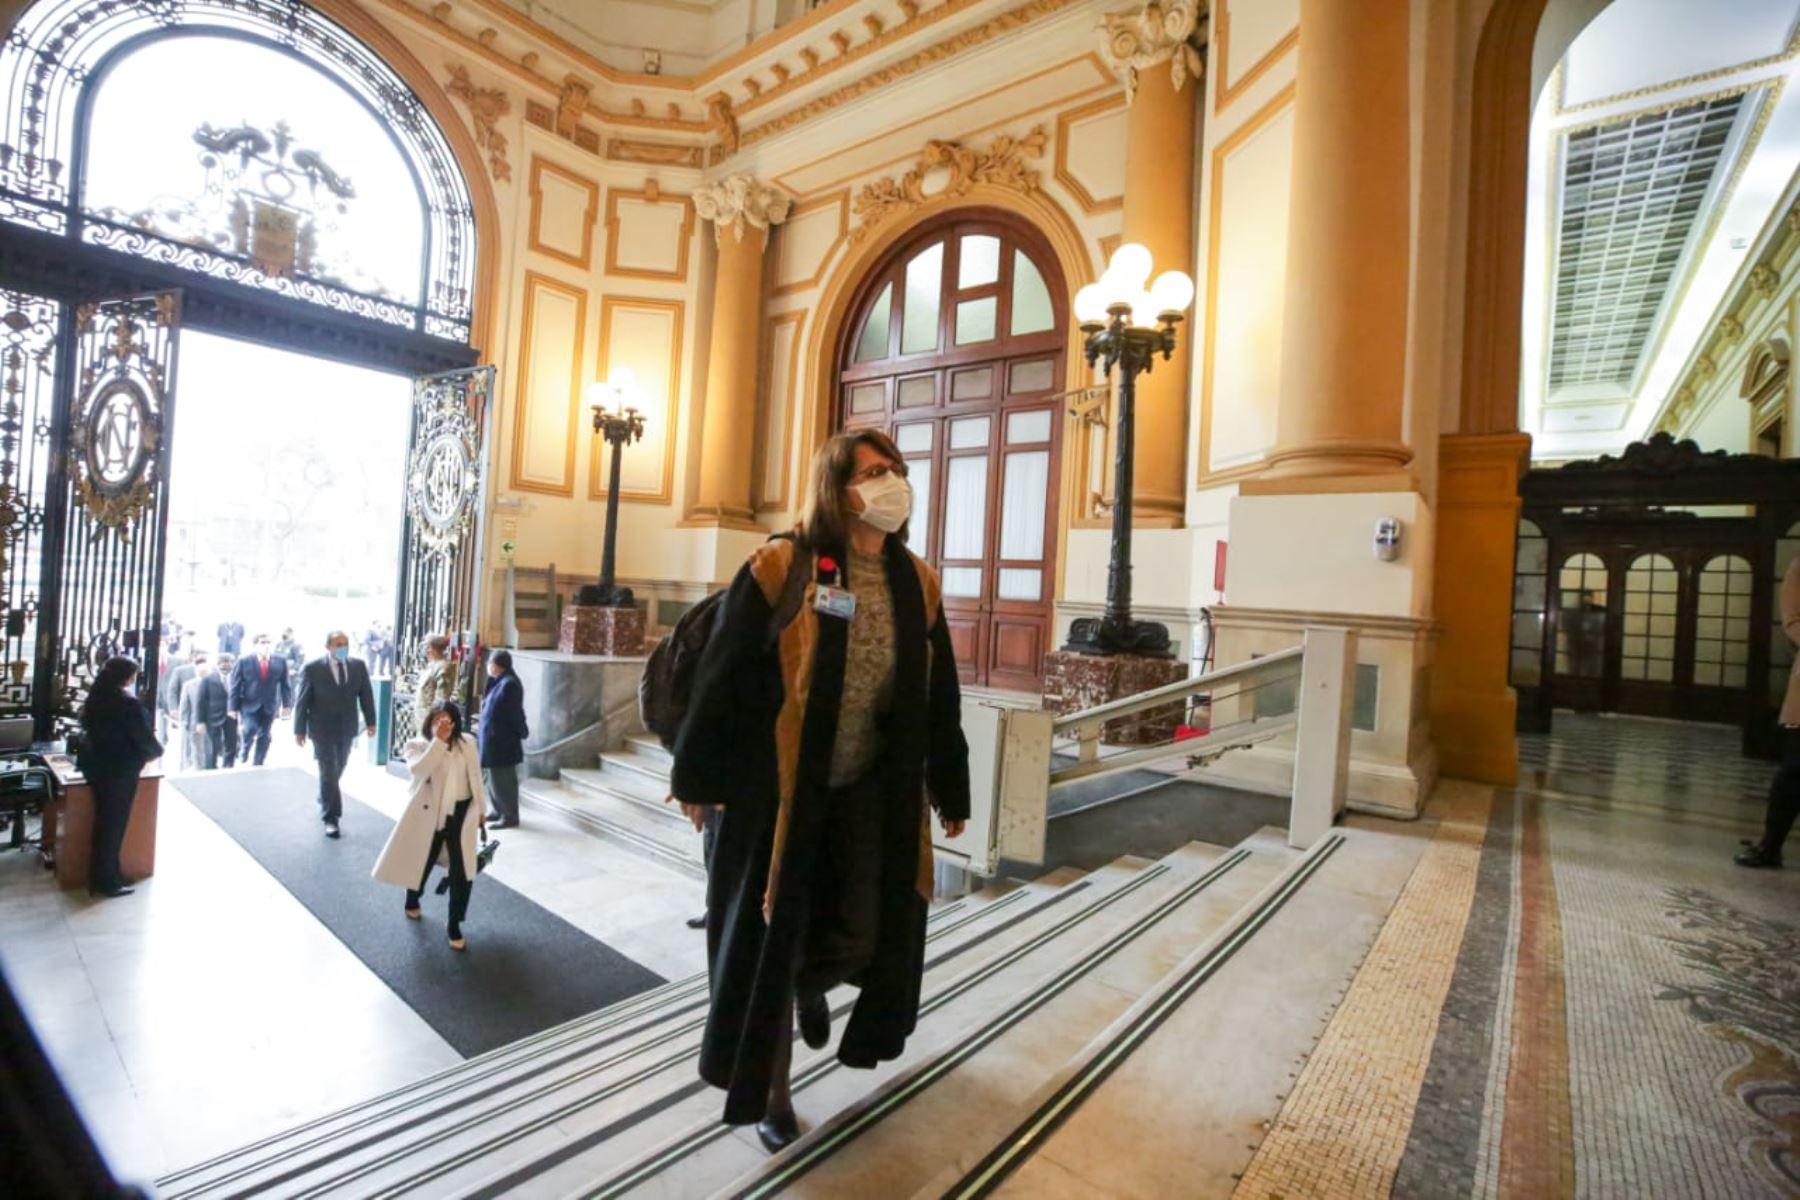 Ministra de Salud, Pilar Mazzetti, llega a sede del Congreso junto al gabinete ministerial para solicitar el voto de confianza. Foto: ANDINA/PCM